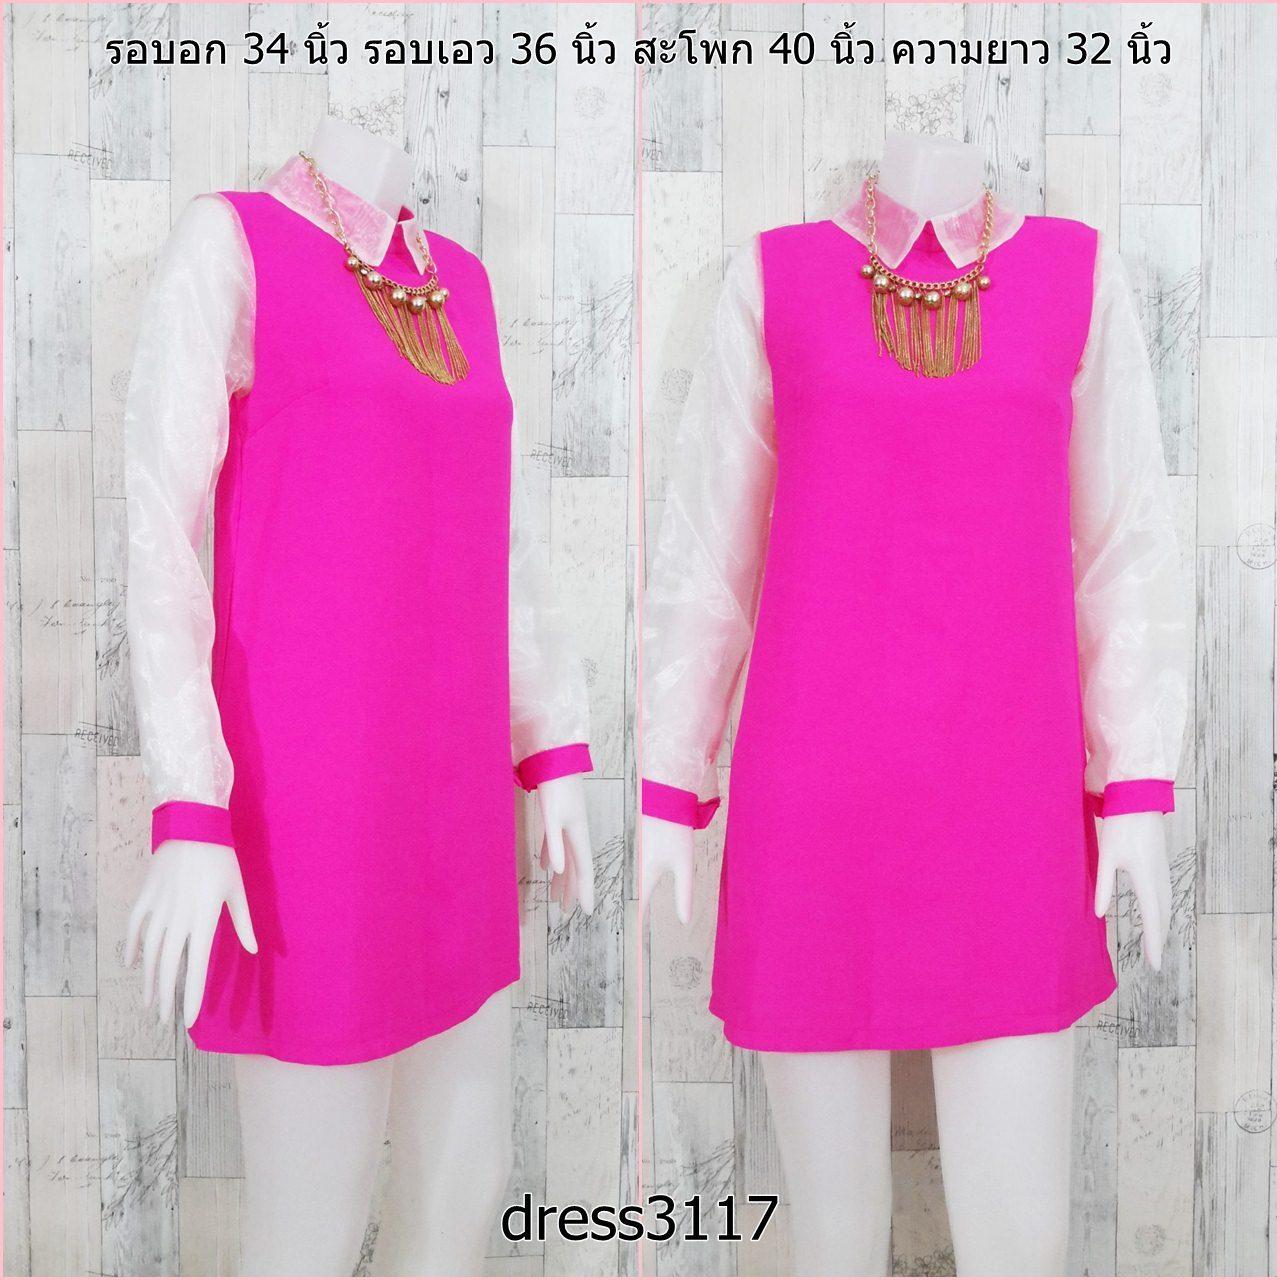 Dress3117 ชุดเดรสทรงสวย คอปก แขนยาวผ้าแก้ว สีชมพูช็อคกิ้งพิ้งค์